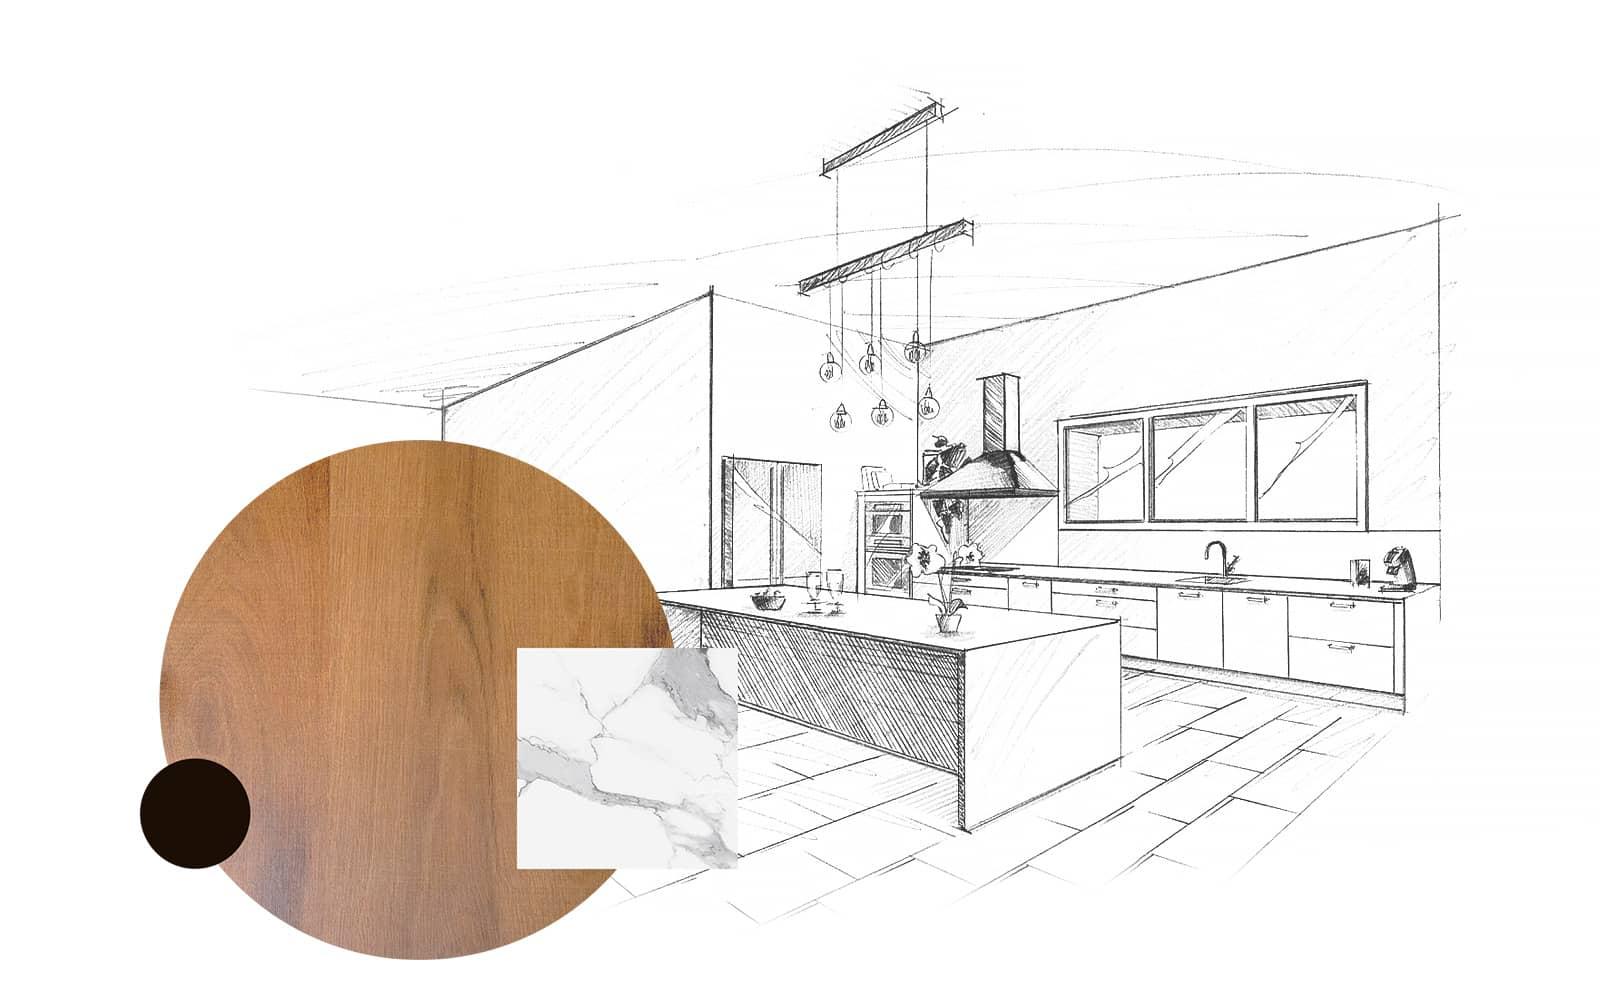 Projet de l'Atelier de Léa : dessin en perspective et échantillons d'une cuisine contemporaine sur-mesure, avec façades en bois et plans de travail en marbre.